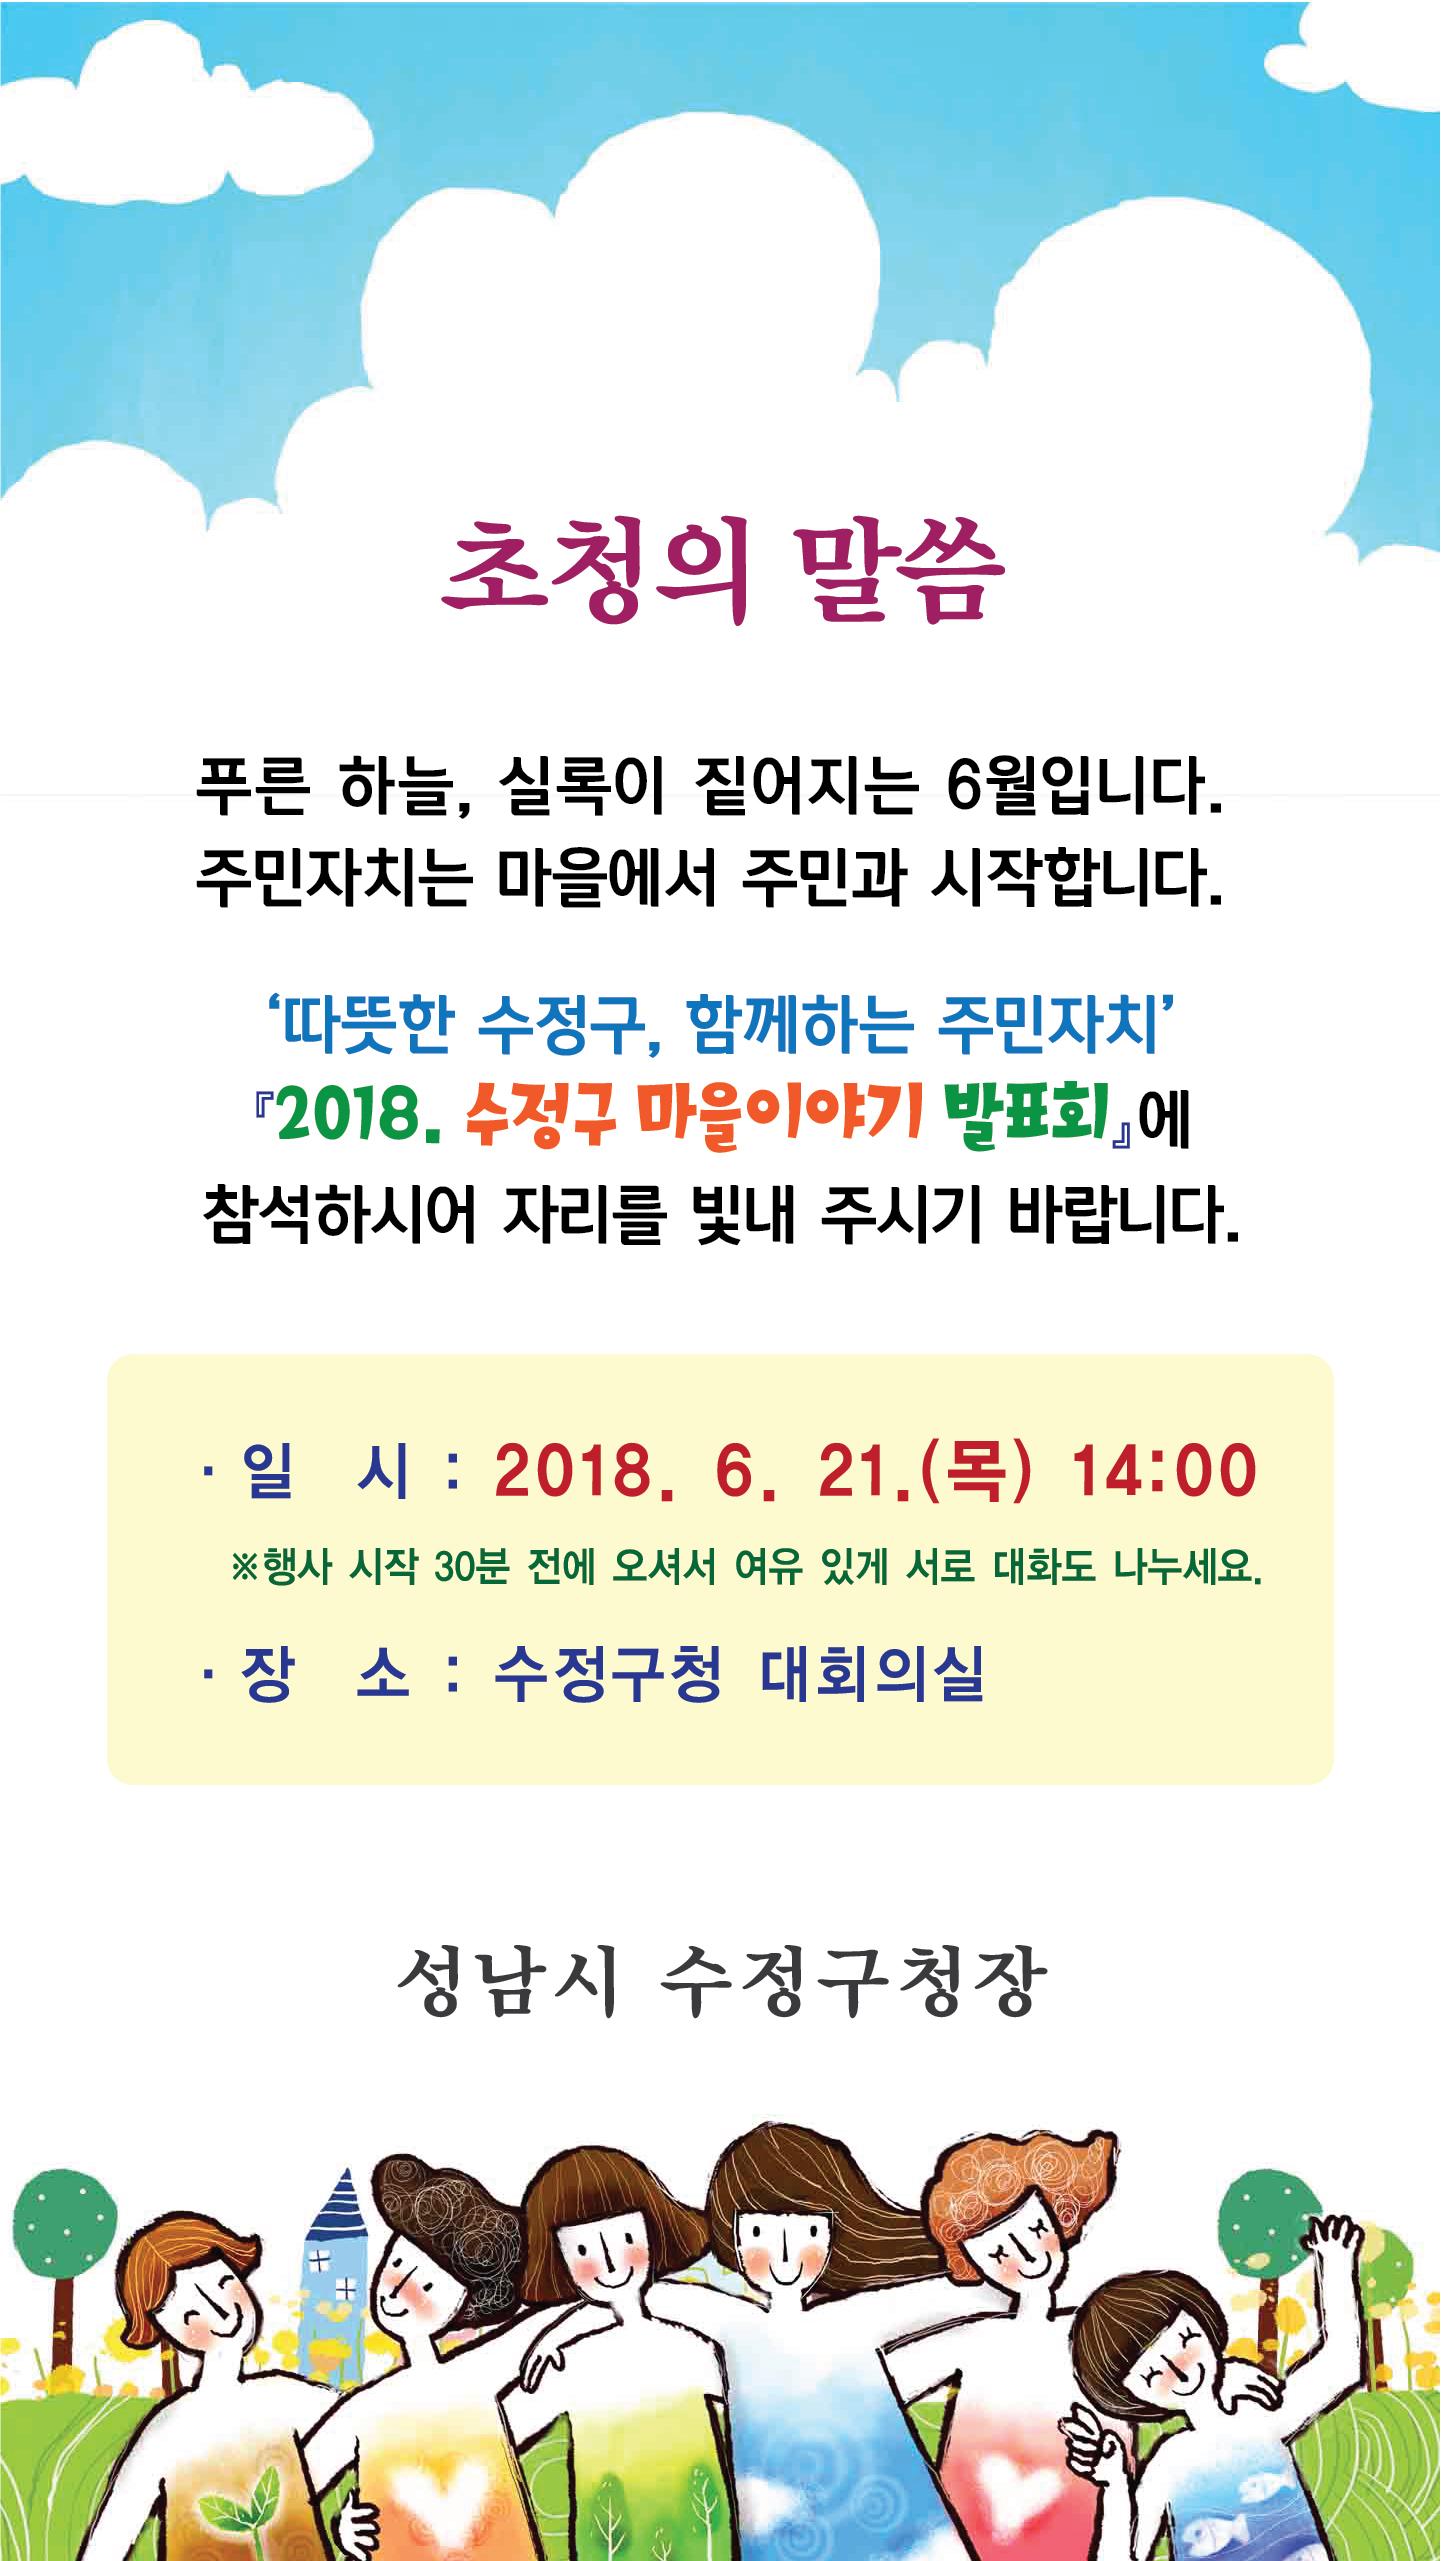 마을이야기-우수사례발표회-초청장(수정2).jpg